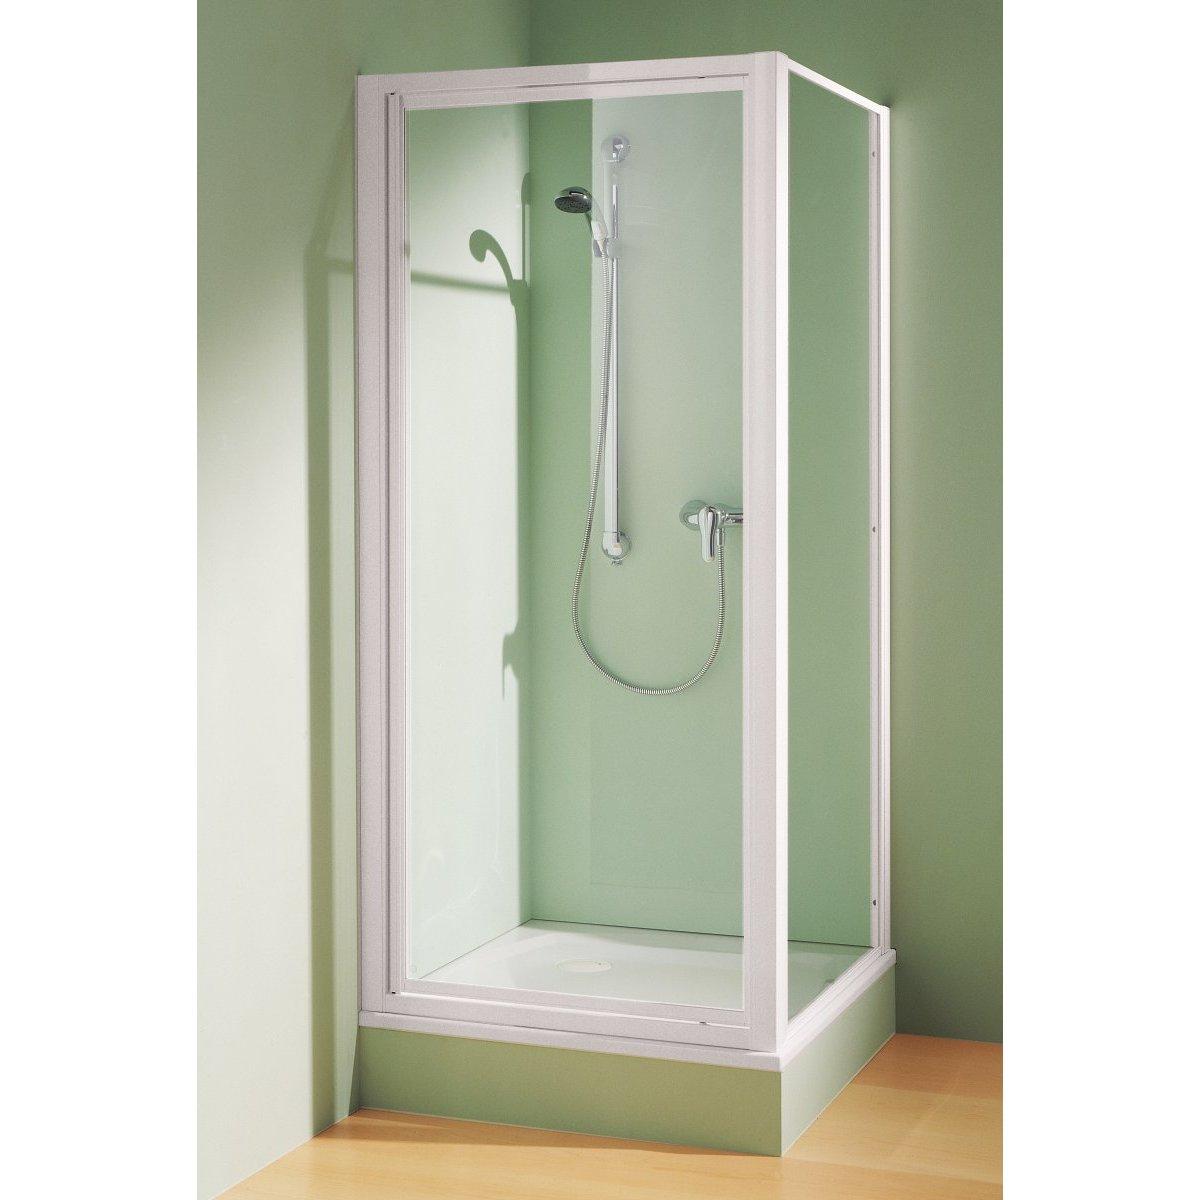 Montage porte de douche maison design for Porte de douche fixe